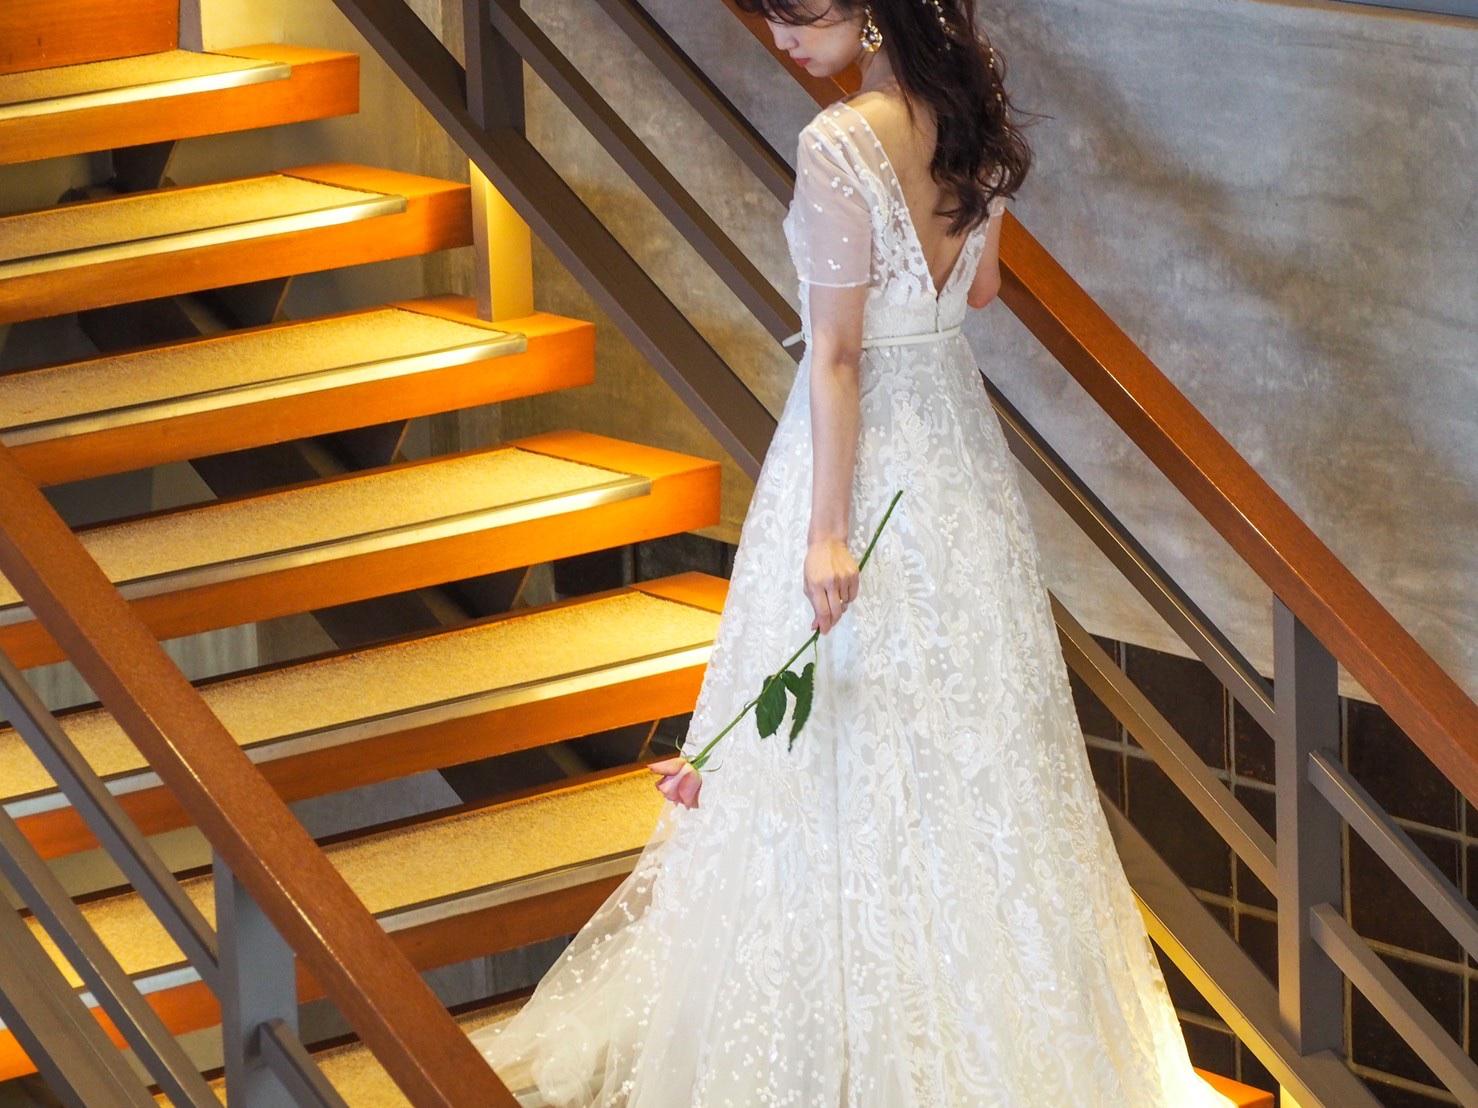 ザトリートドレッシング神戸店にてお取り扱いのある相楽園におすすめの刺繍が美しいエリーサーブブライドのウェディングドレスのご紹介